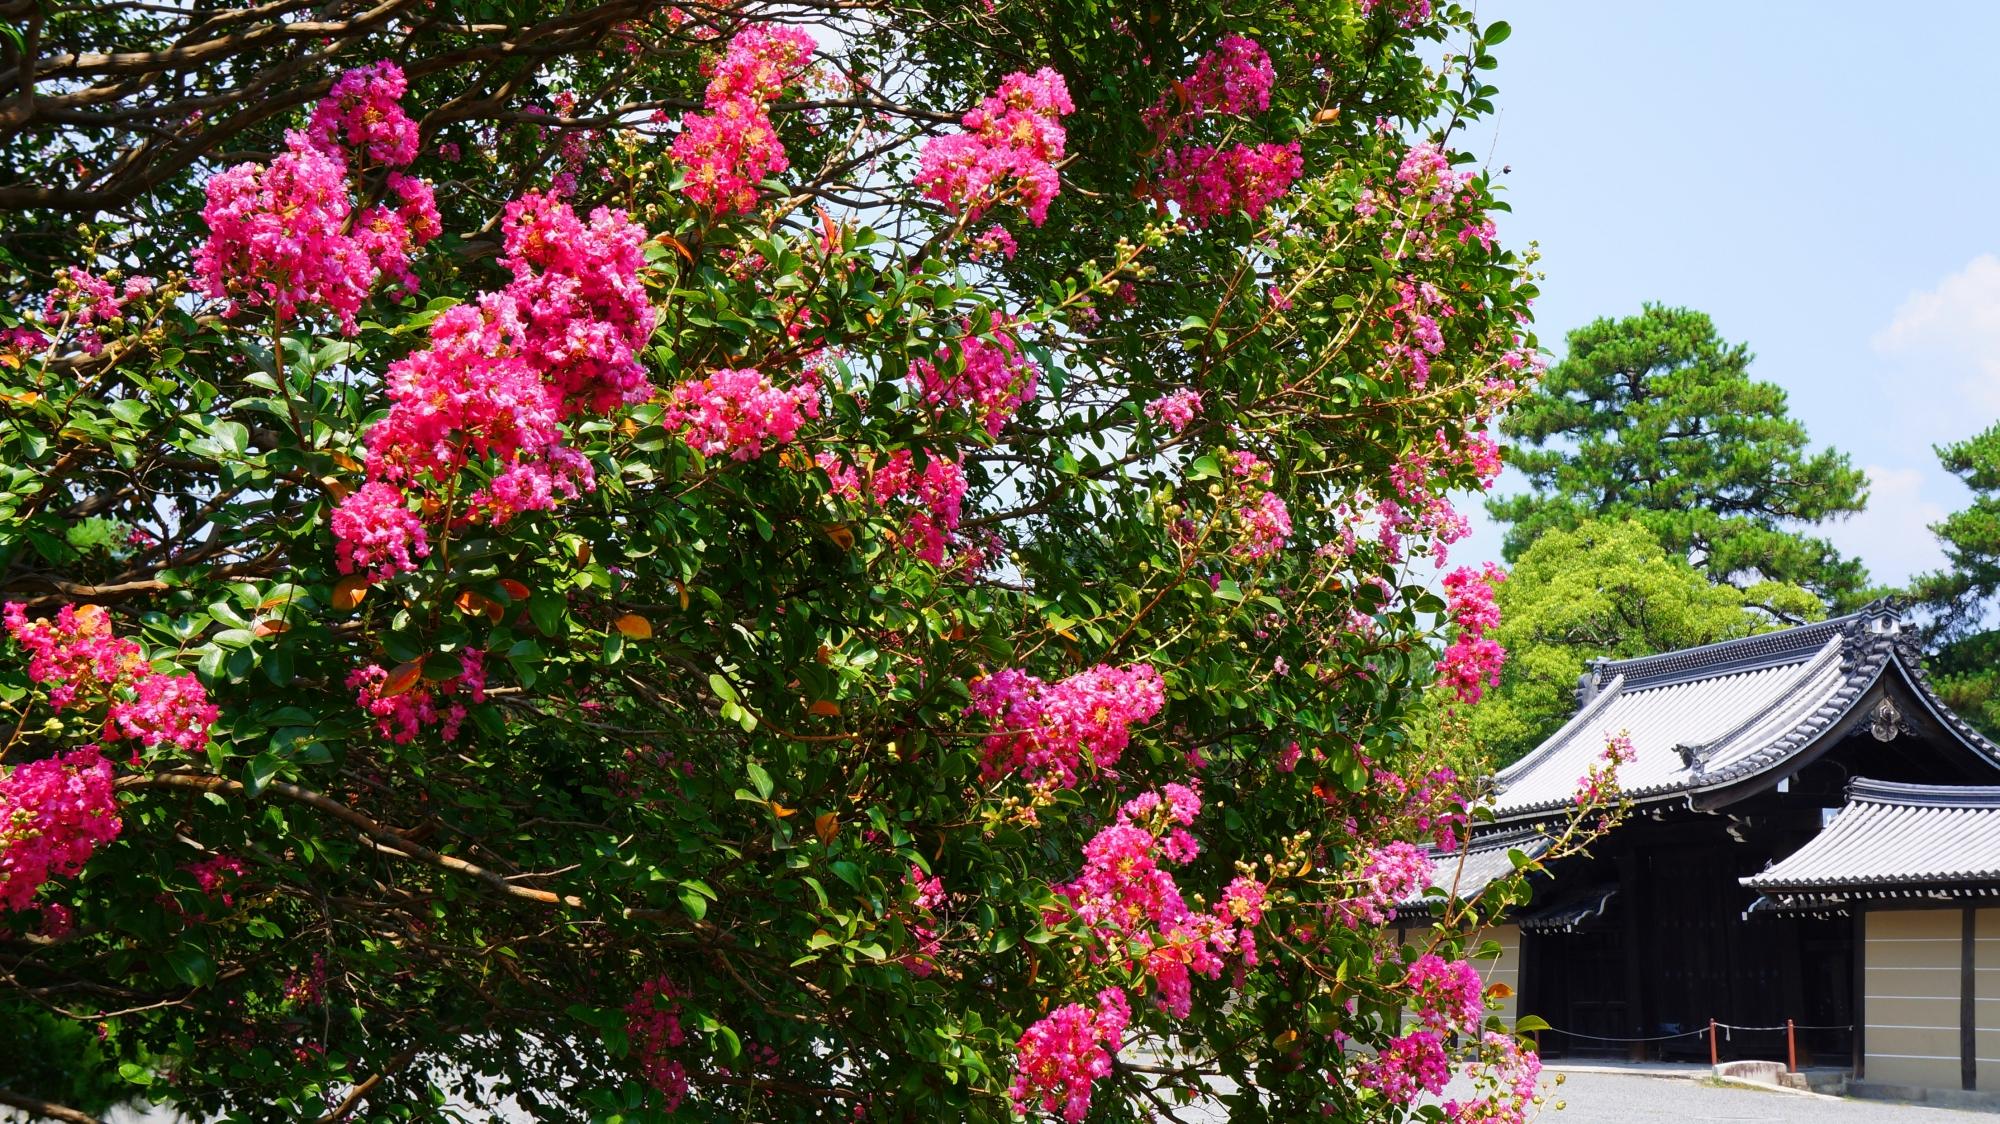 京都御苑の素晴らしいサルスベリの花と真夏の情景